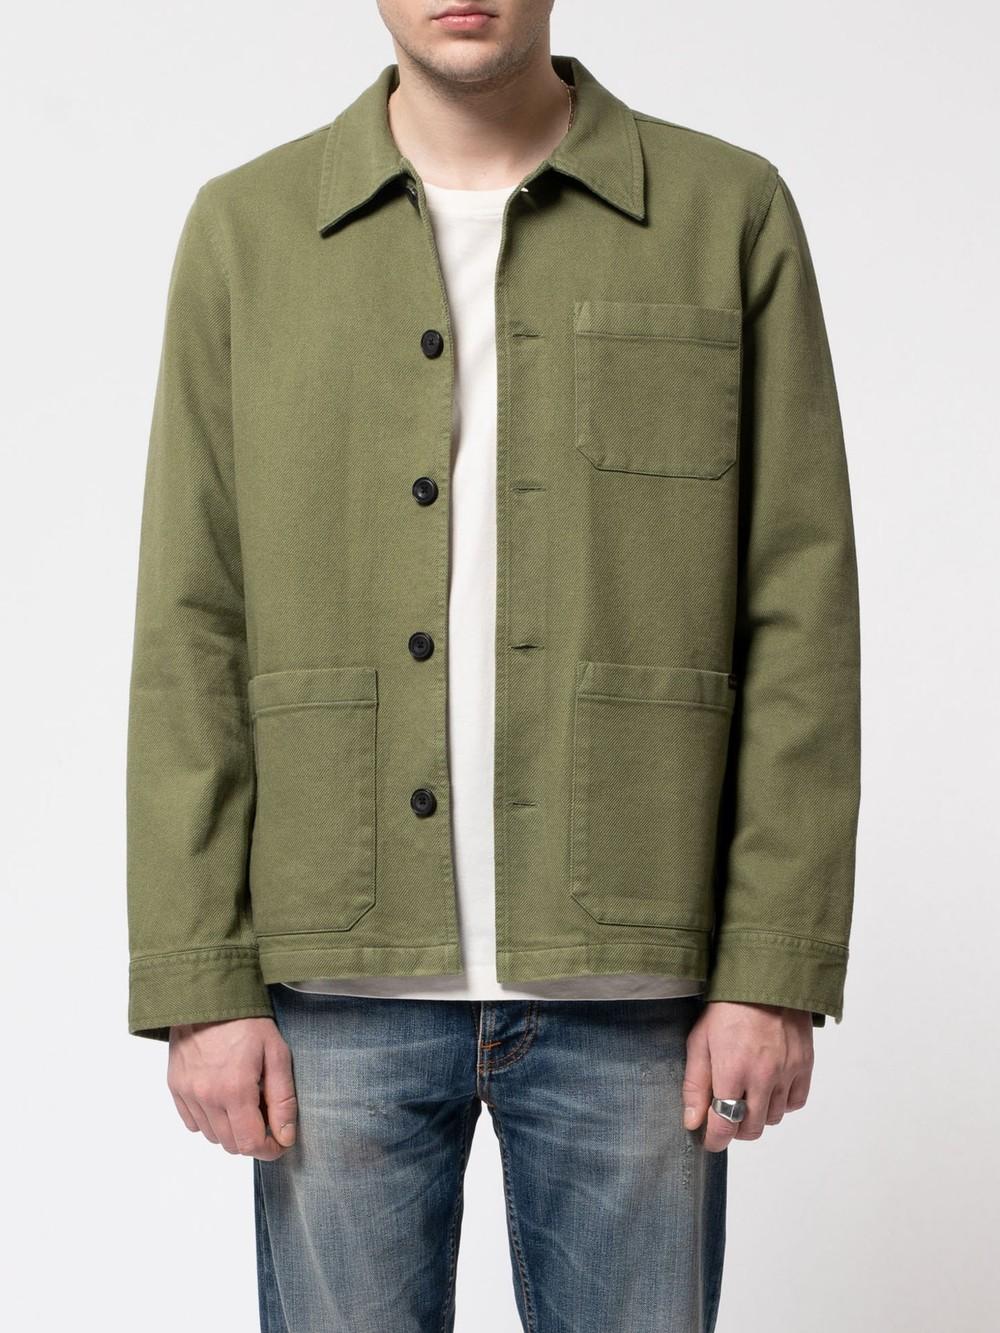 Veste de travail verte en coton bio - barney worker - Nudie Jeans